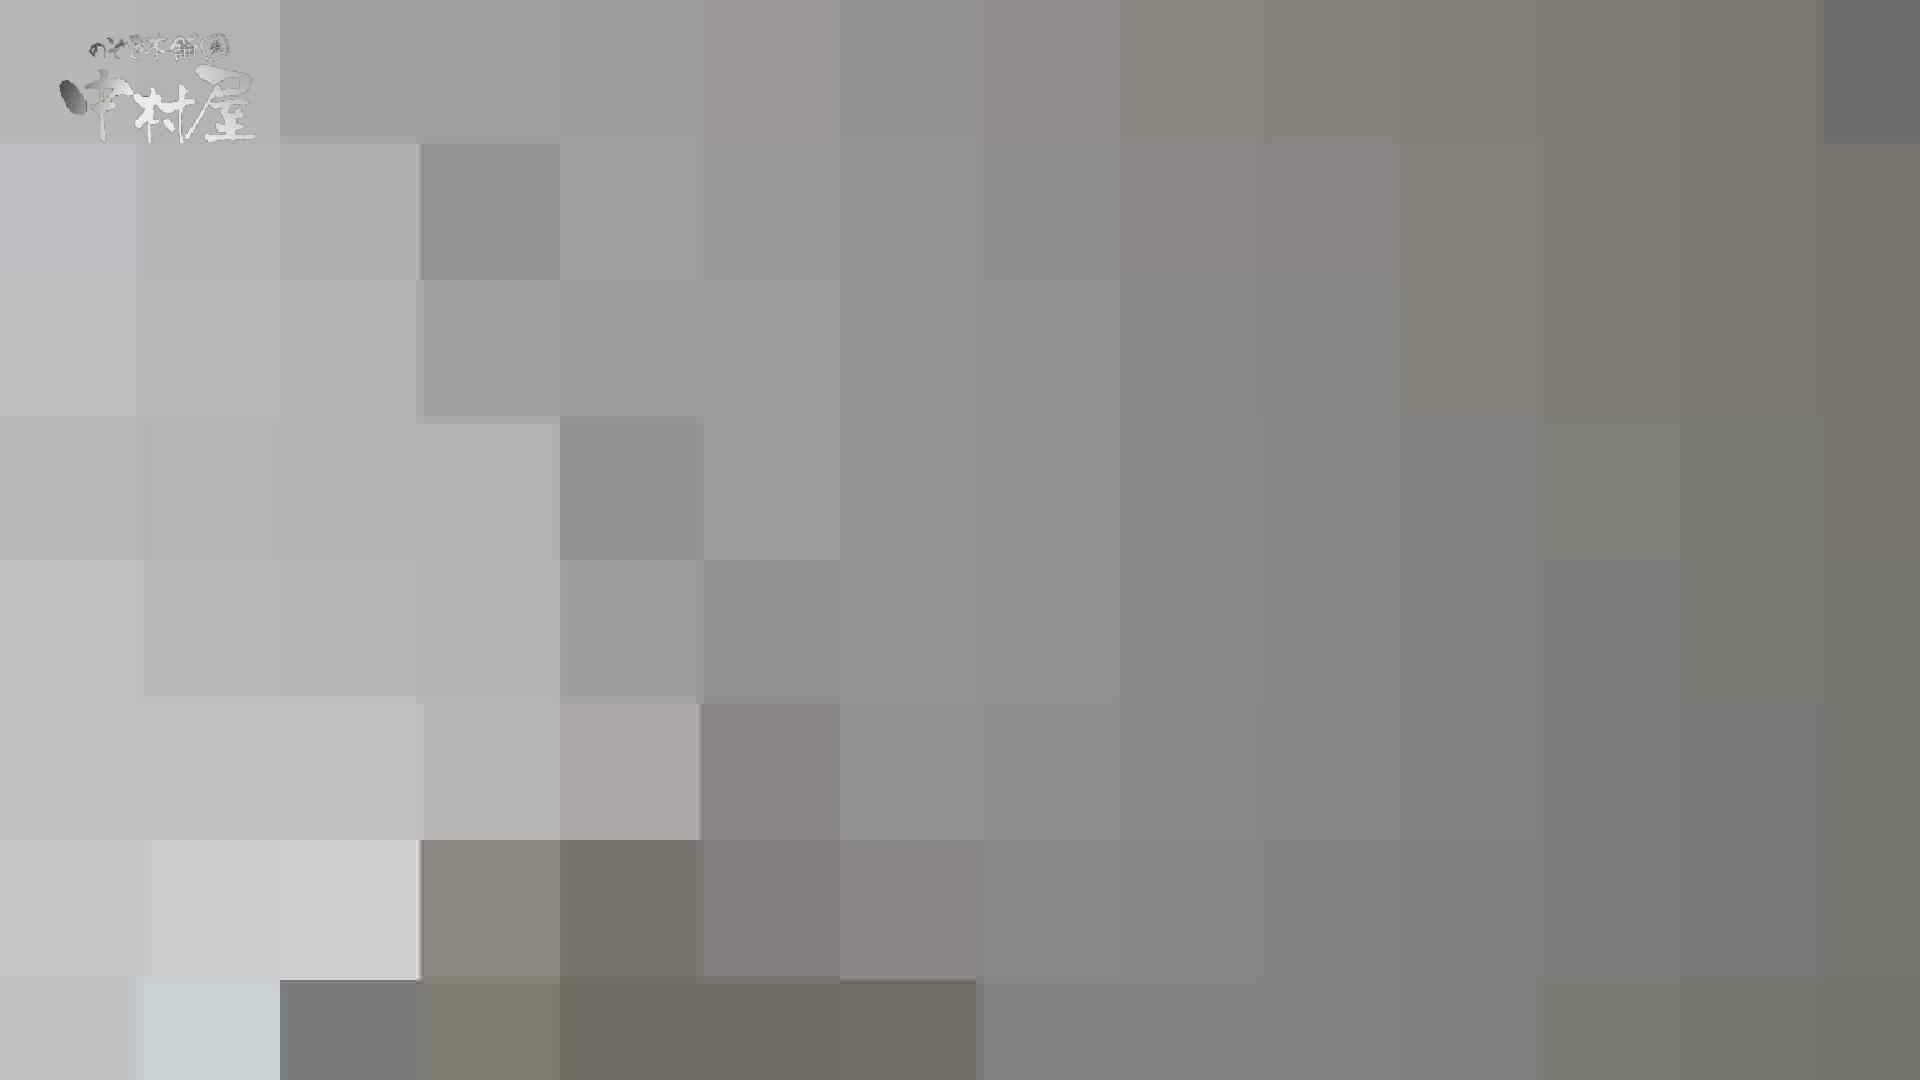 洗面所突入レポート!!vol.27 マンコ・ムレムレ エロ無料画像 74pic 72